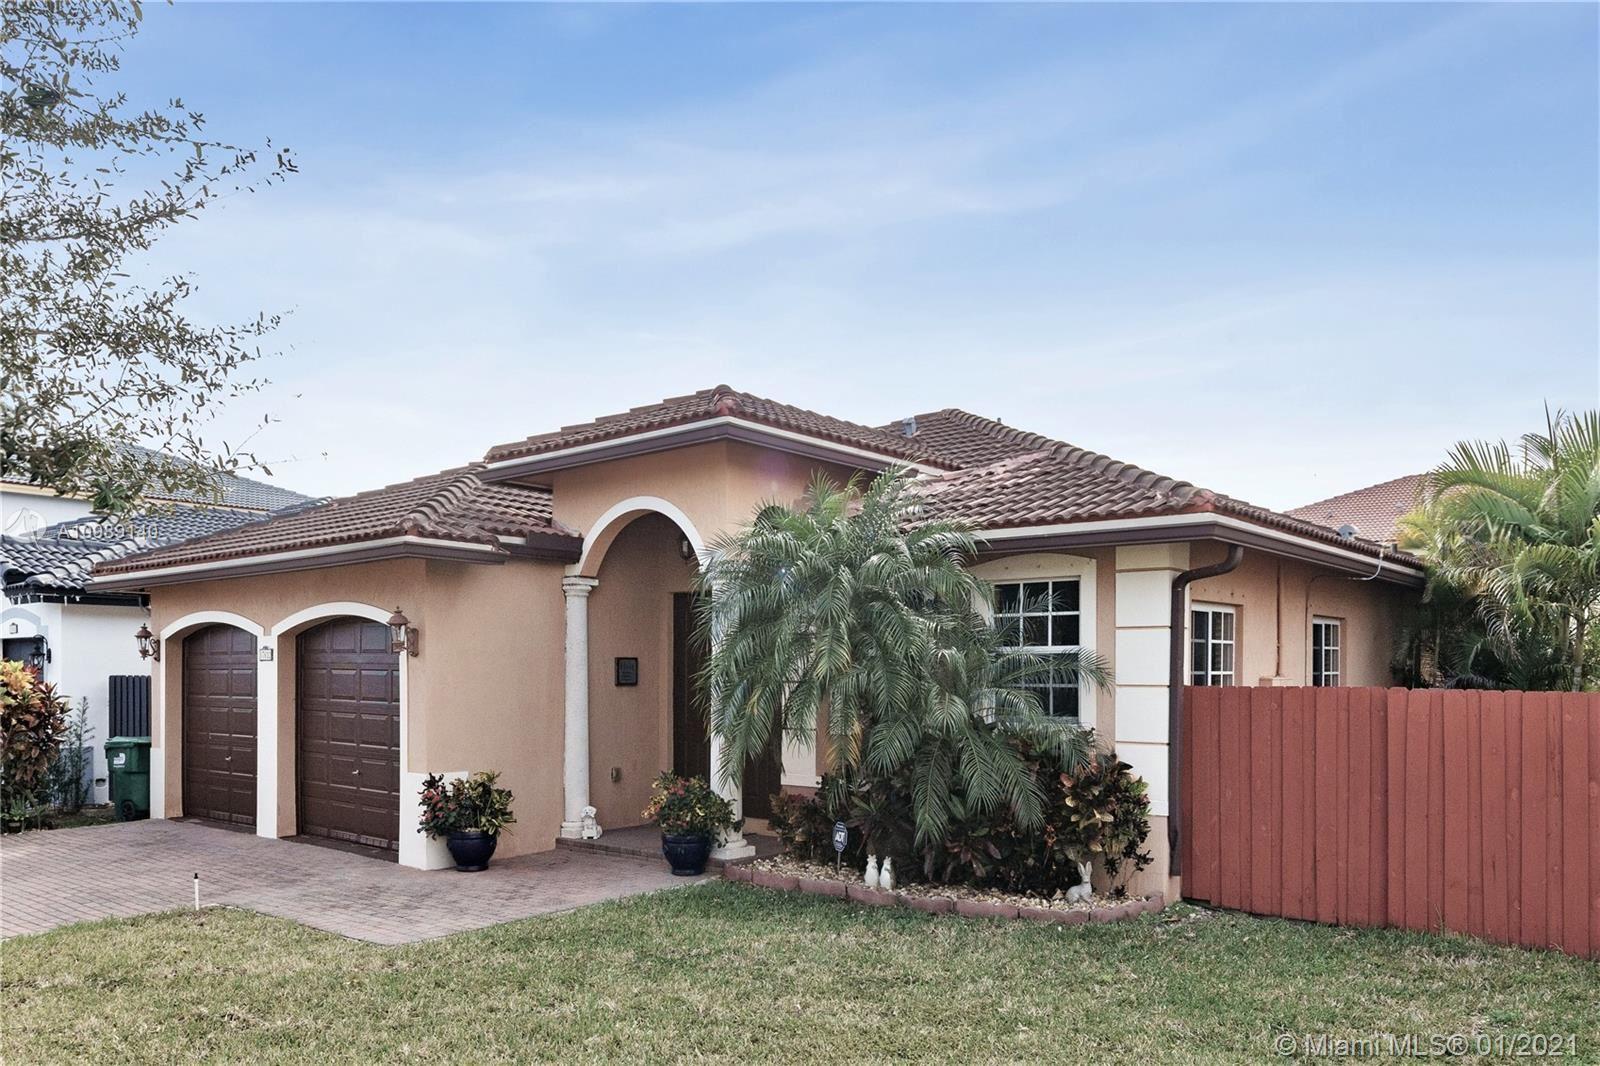 Photo of 17632 SW 134th Ct, Miami, FL 33177 (MLS # A10989140)